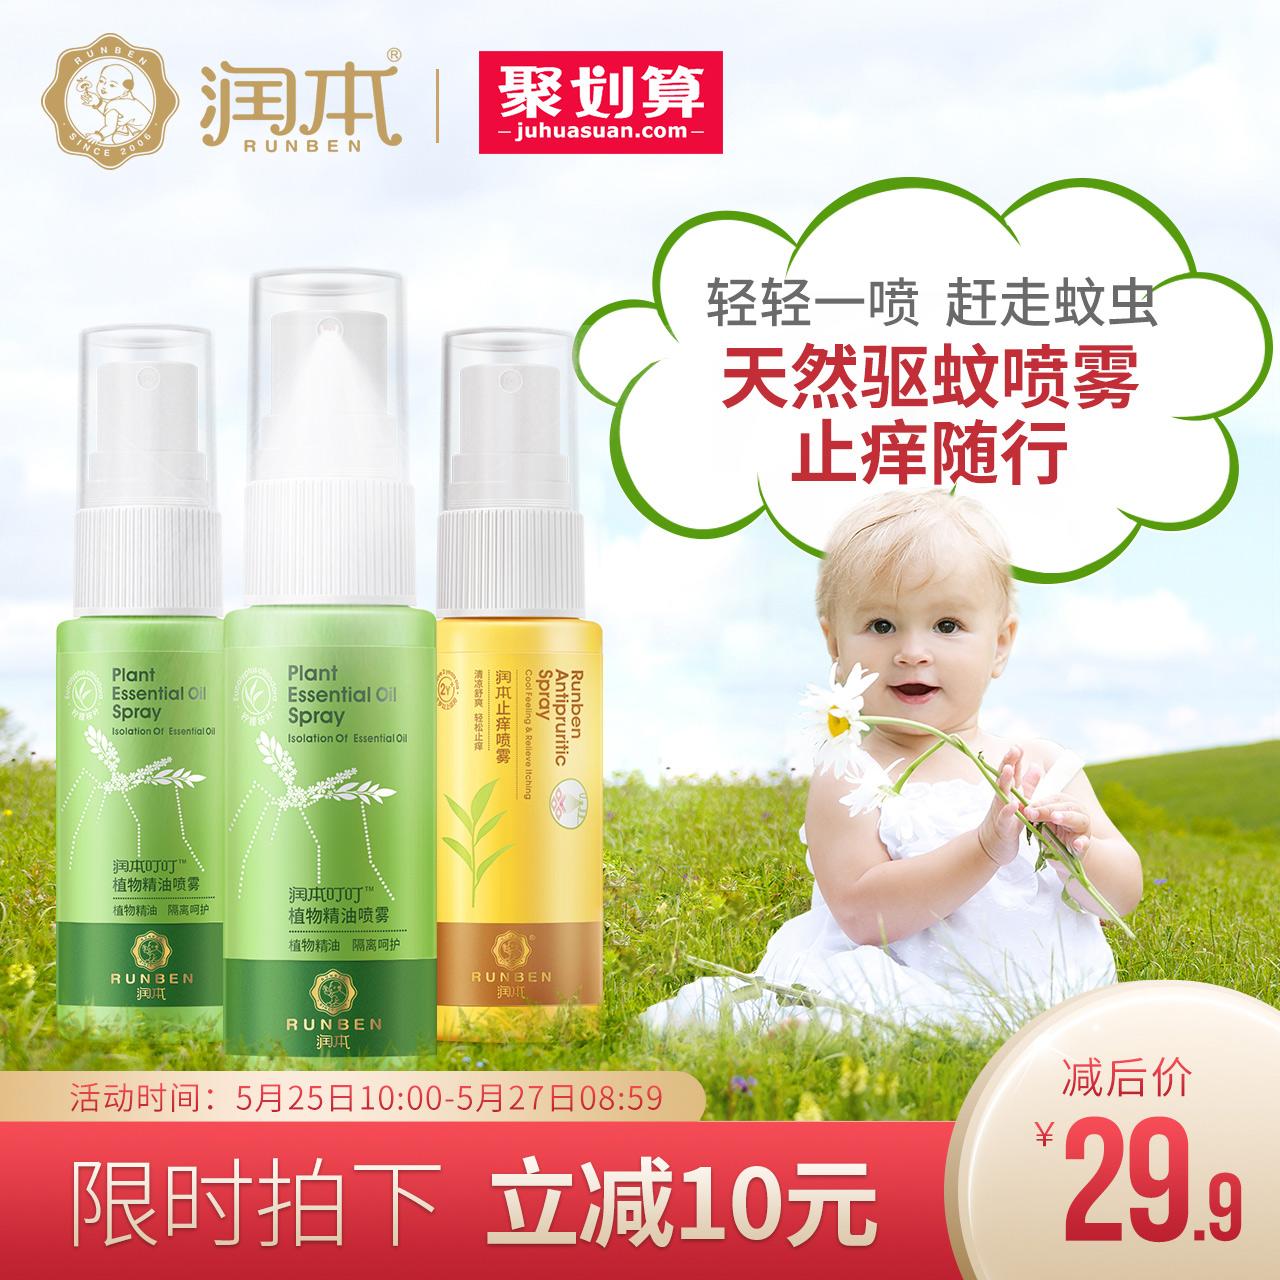 润本婴幼儿防蚊喷雾儿童宝宝花露水户外防蚊虫驱蚊液止痒水用品